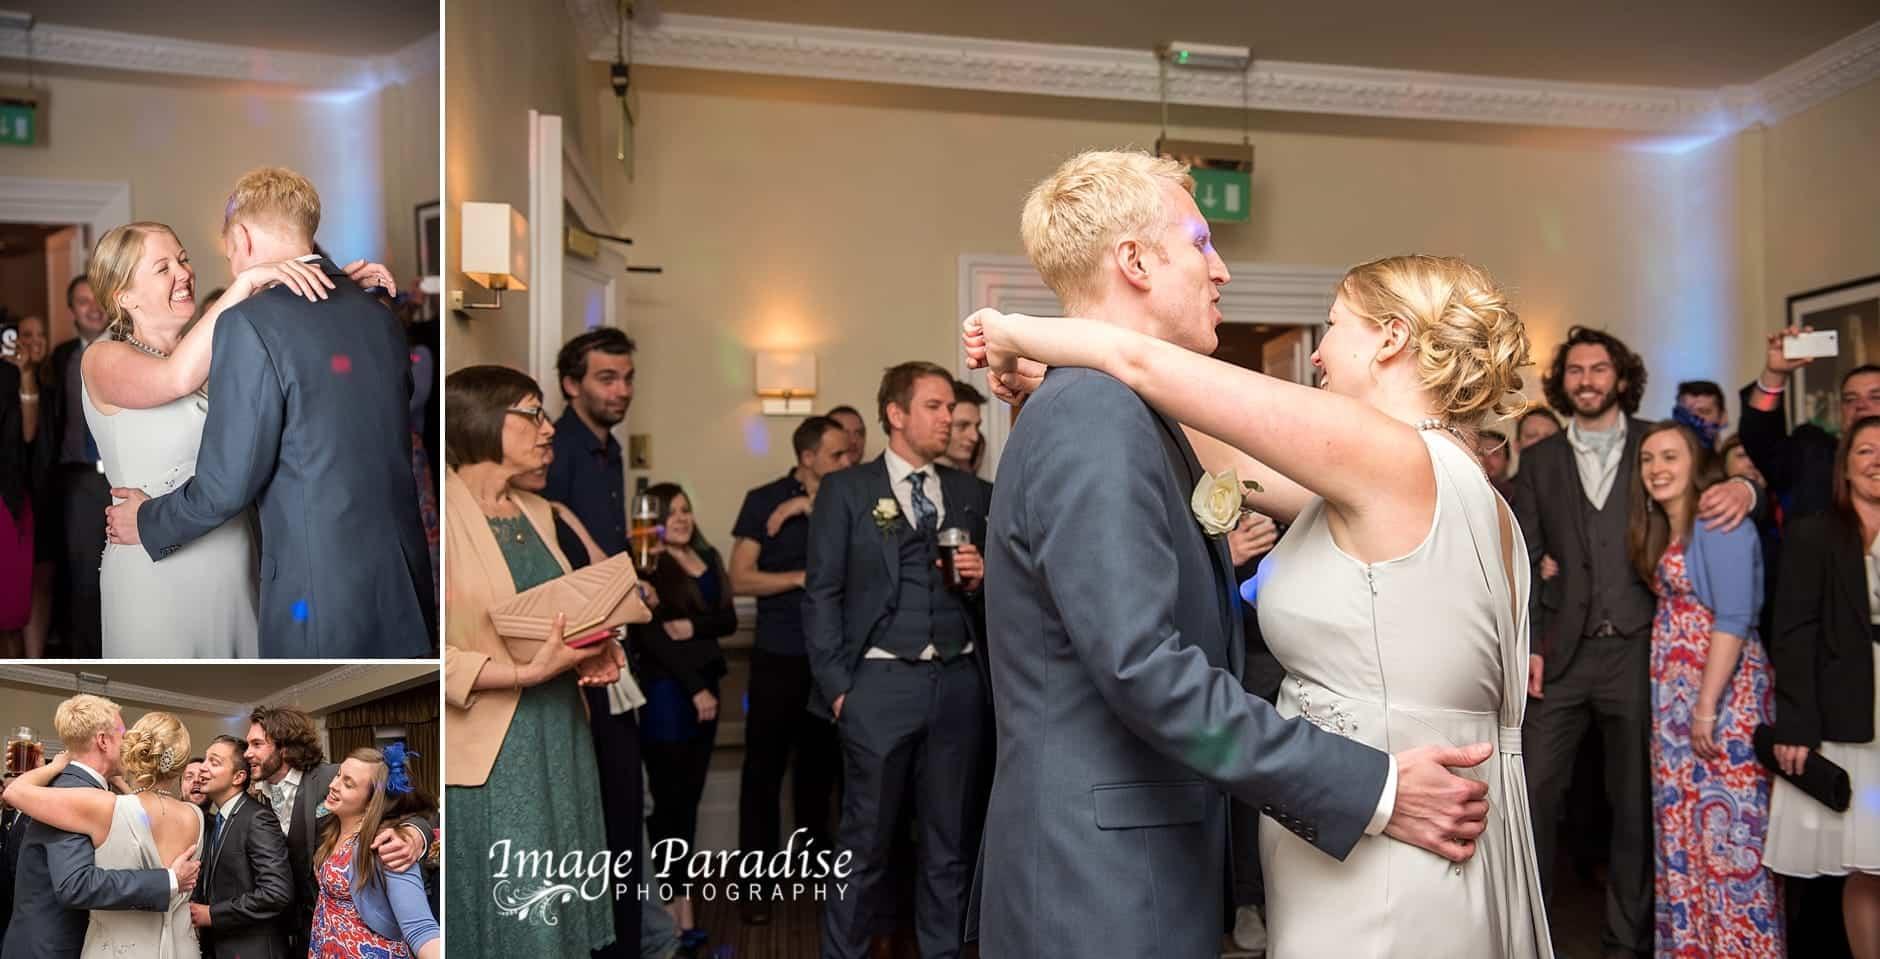 First dance at Avon Gorge Hotel wedding